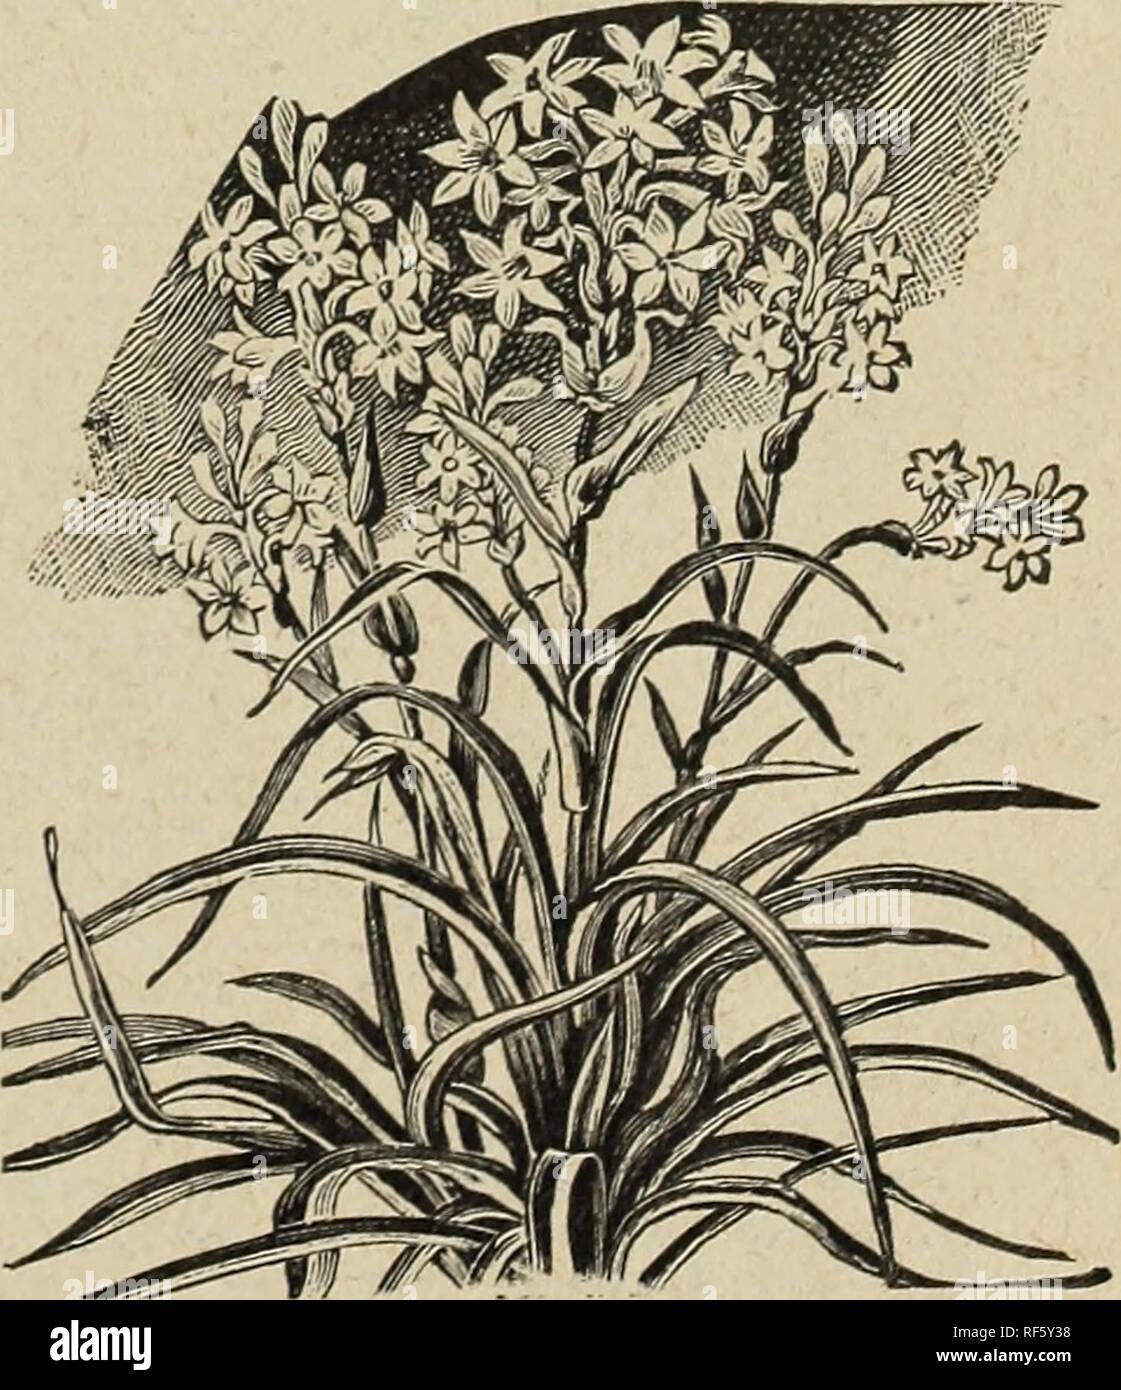 Les Plus Belles Graminées le catalogue de semences et mccullough guide de l'amateur